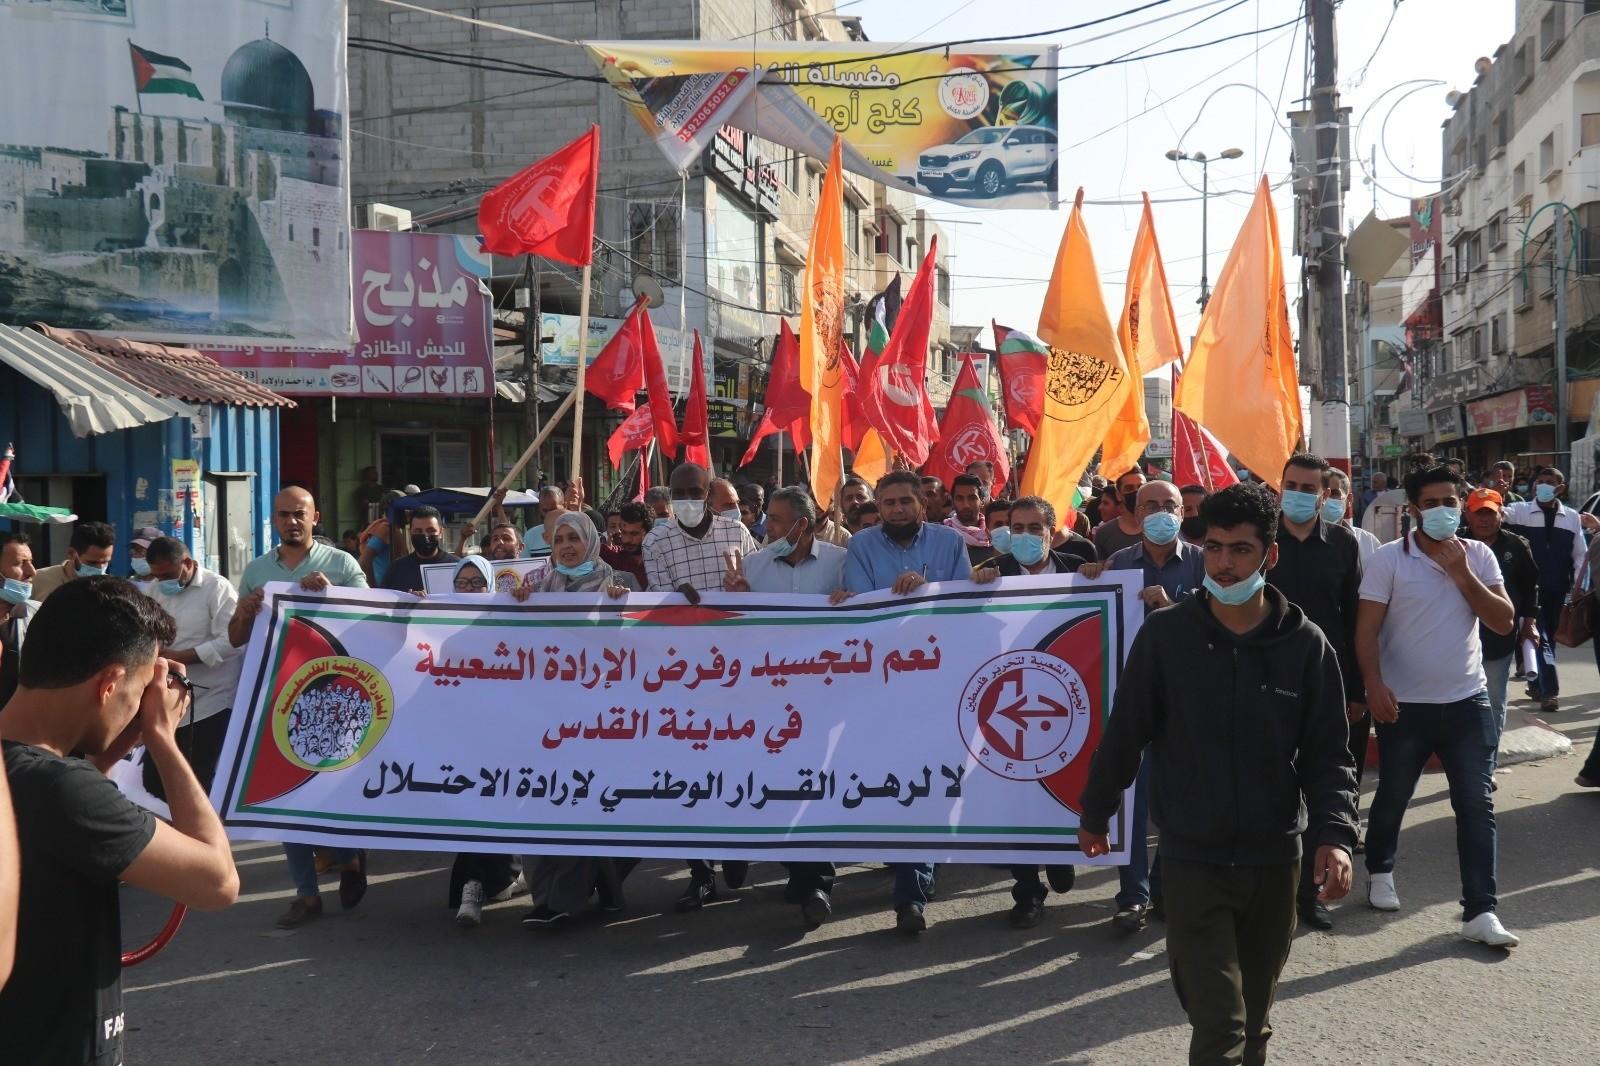 الشعبيّة والمبادرة تنظمان مسيرة جماهيرية انتصارًا للقدس ورفضًا لنهج التفرد والهيمنة (5).jpg